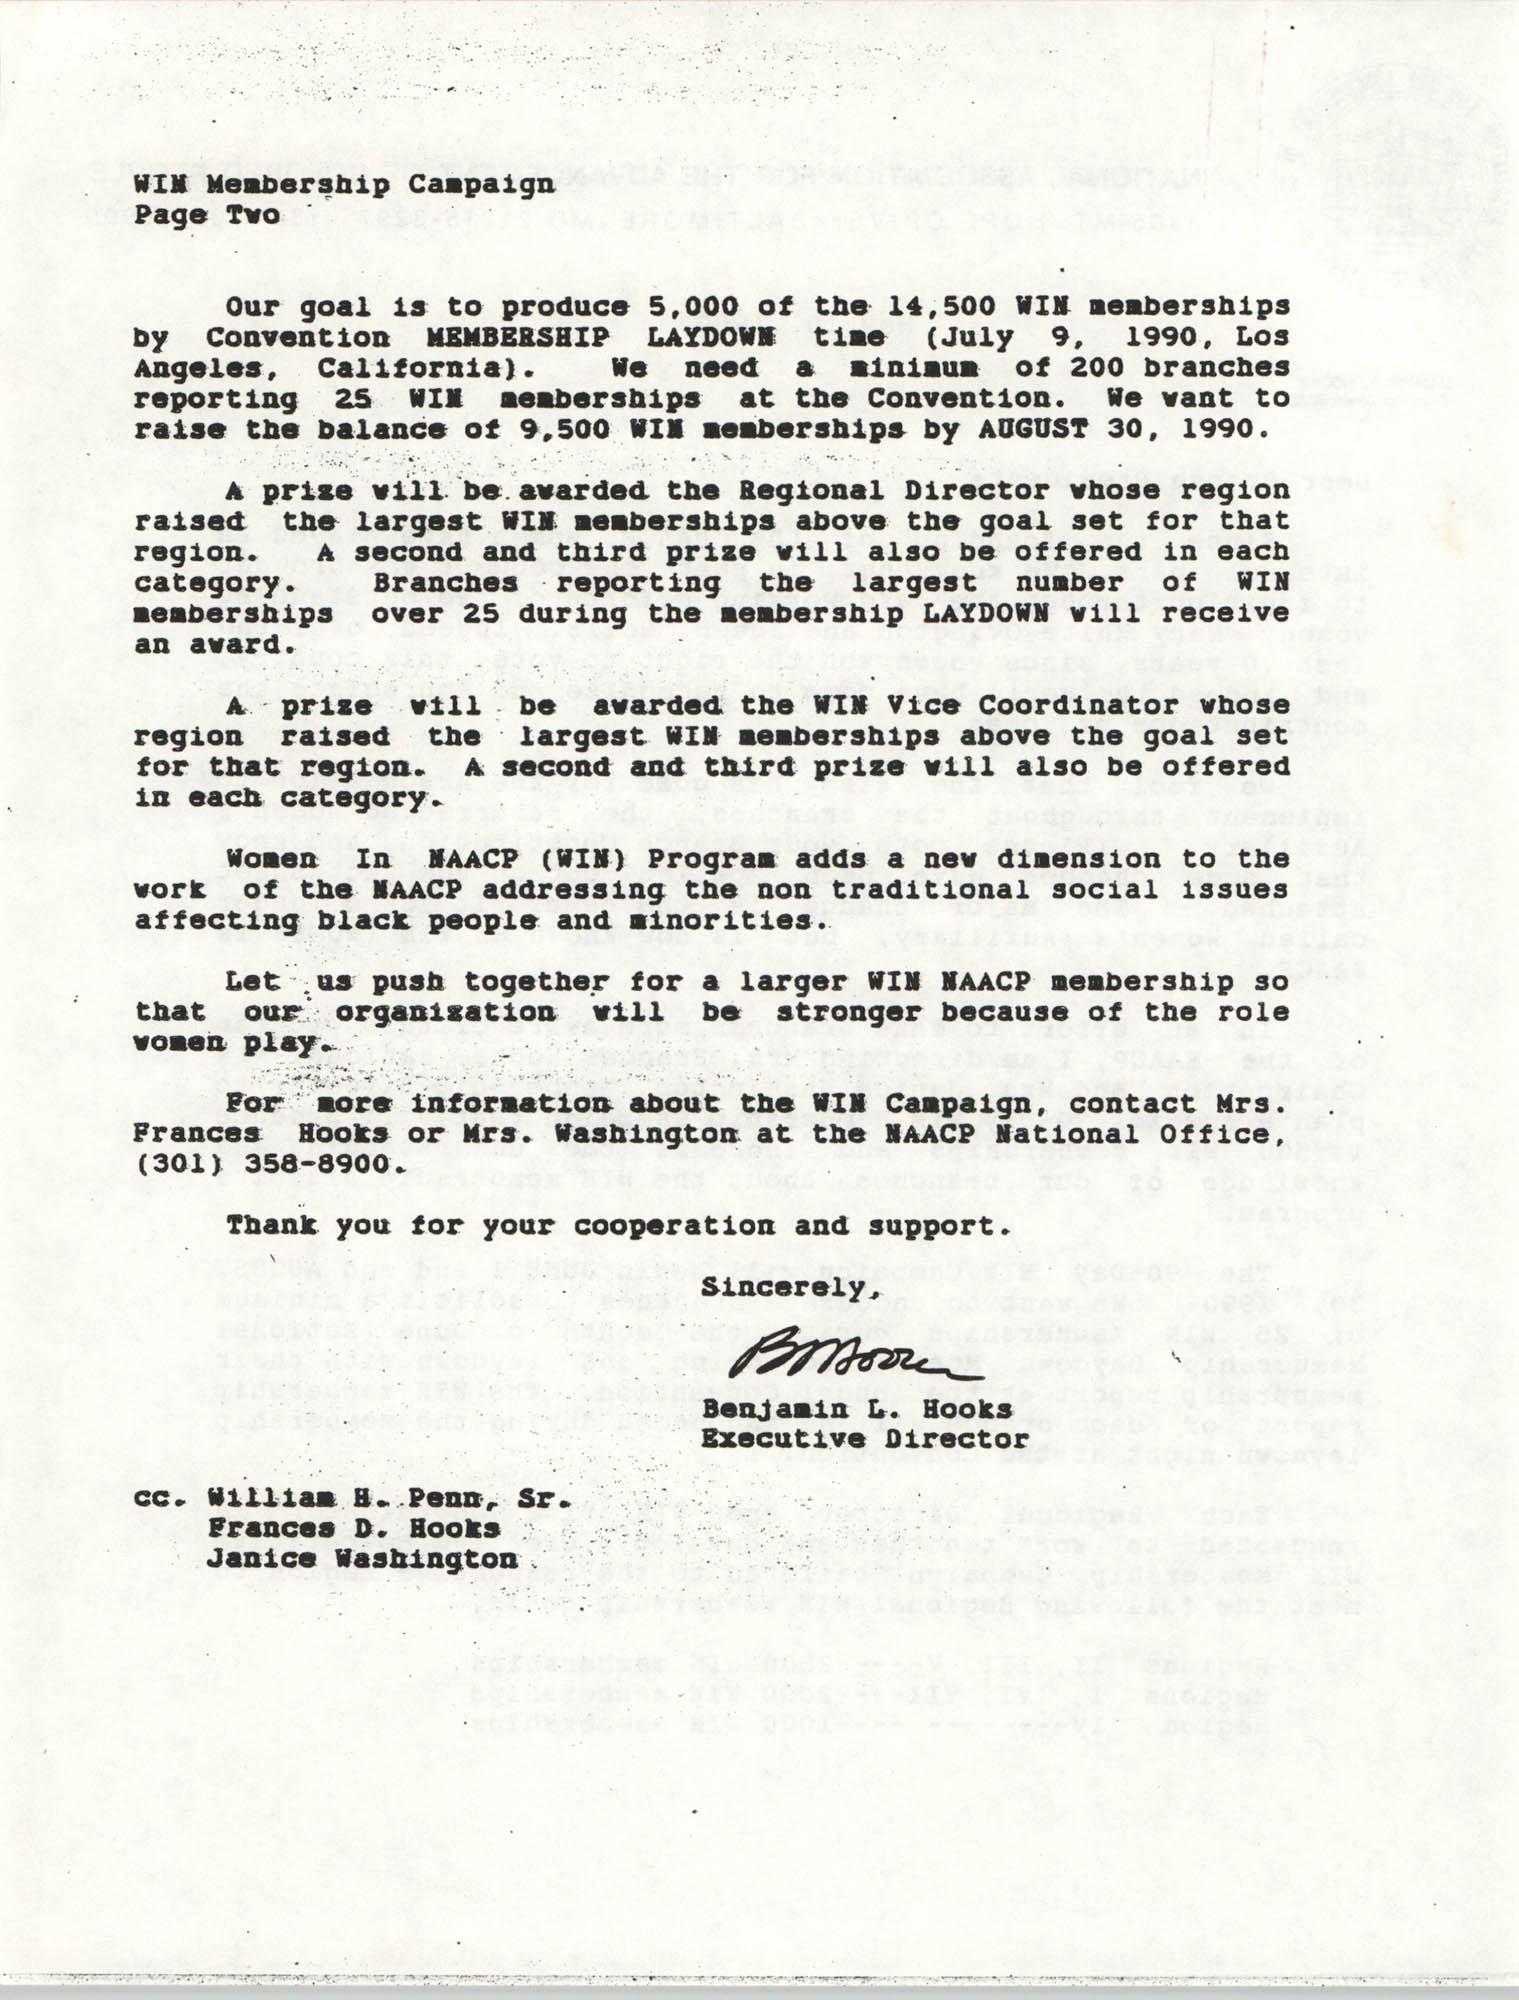 NAACP Memorandum, May 10, 1990, Page 2